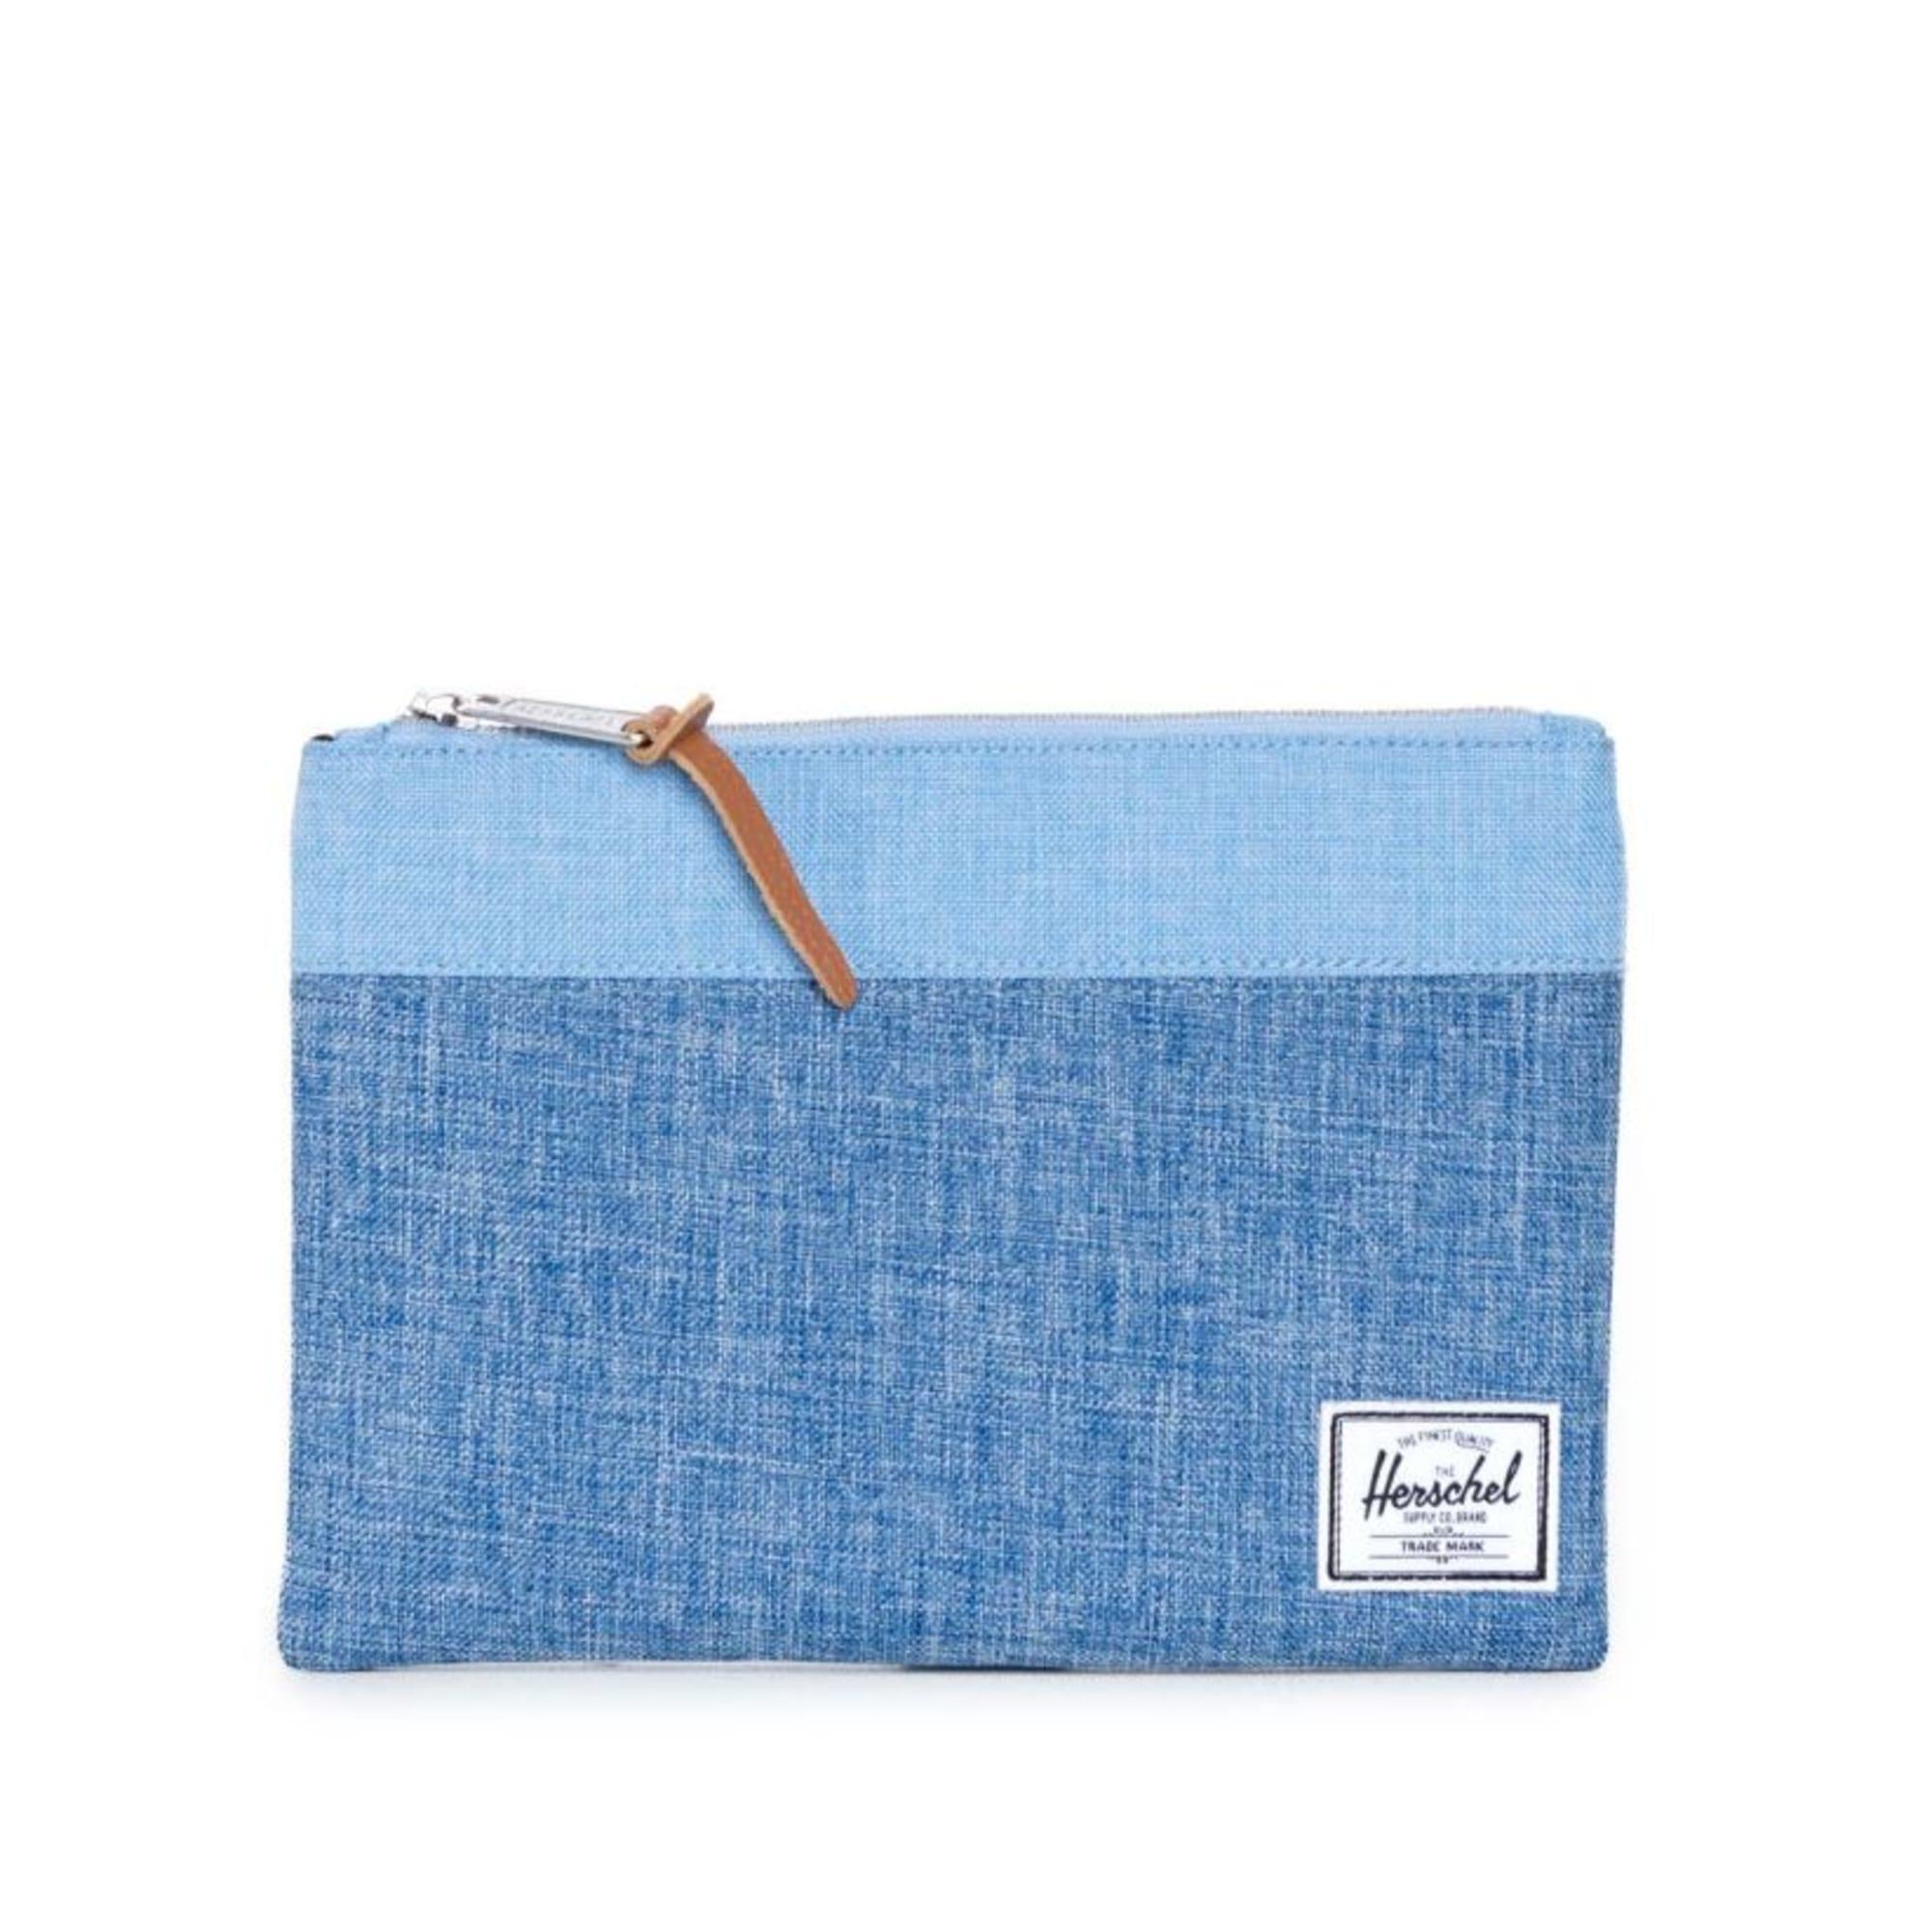 Pochette HERSCHEL Bleu, bleu marine, bleu turquoise